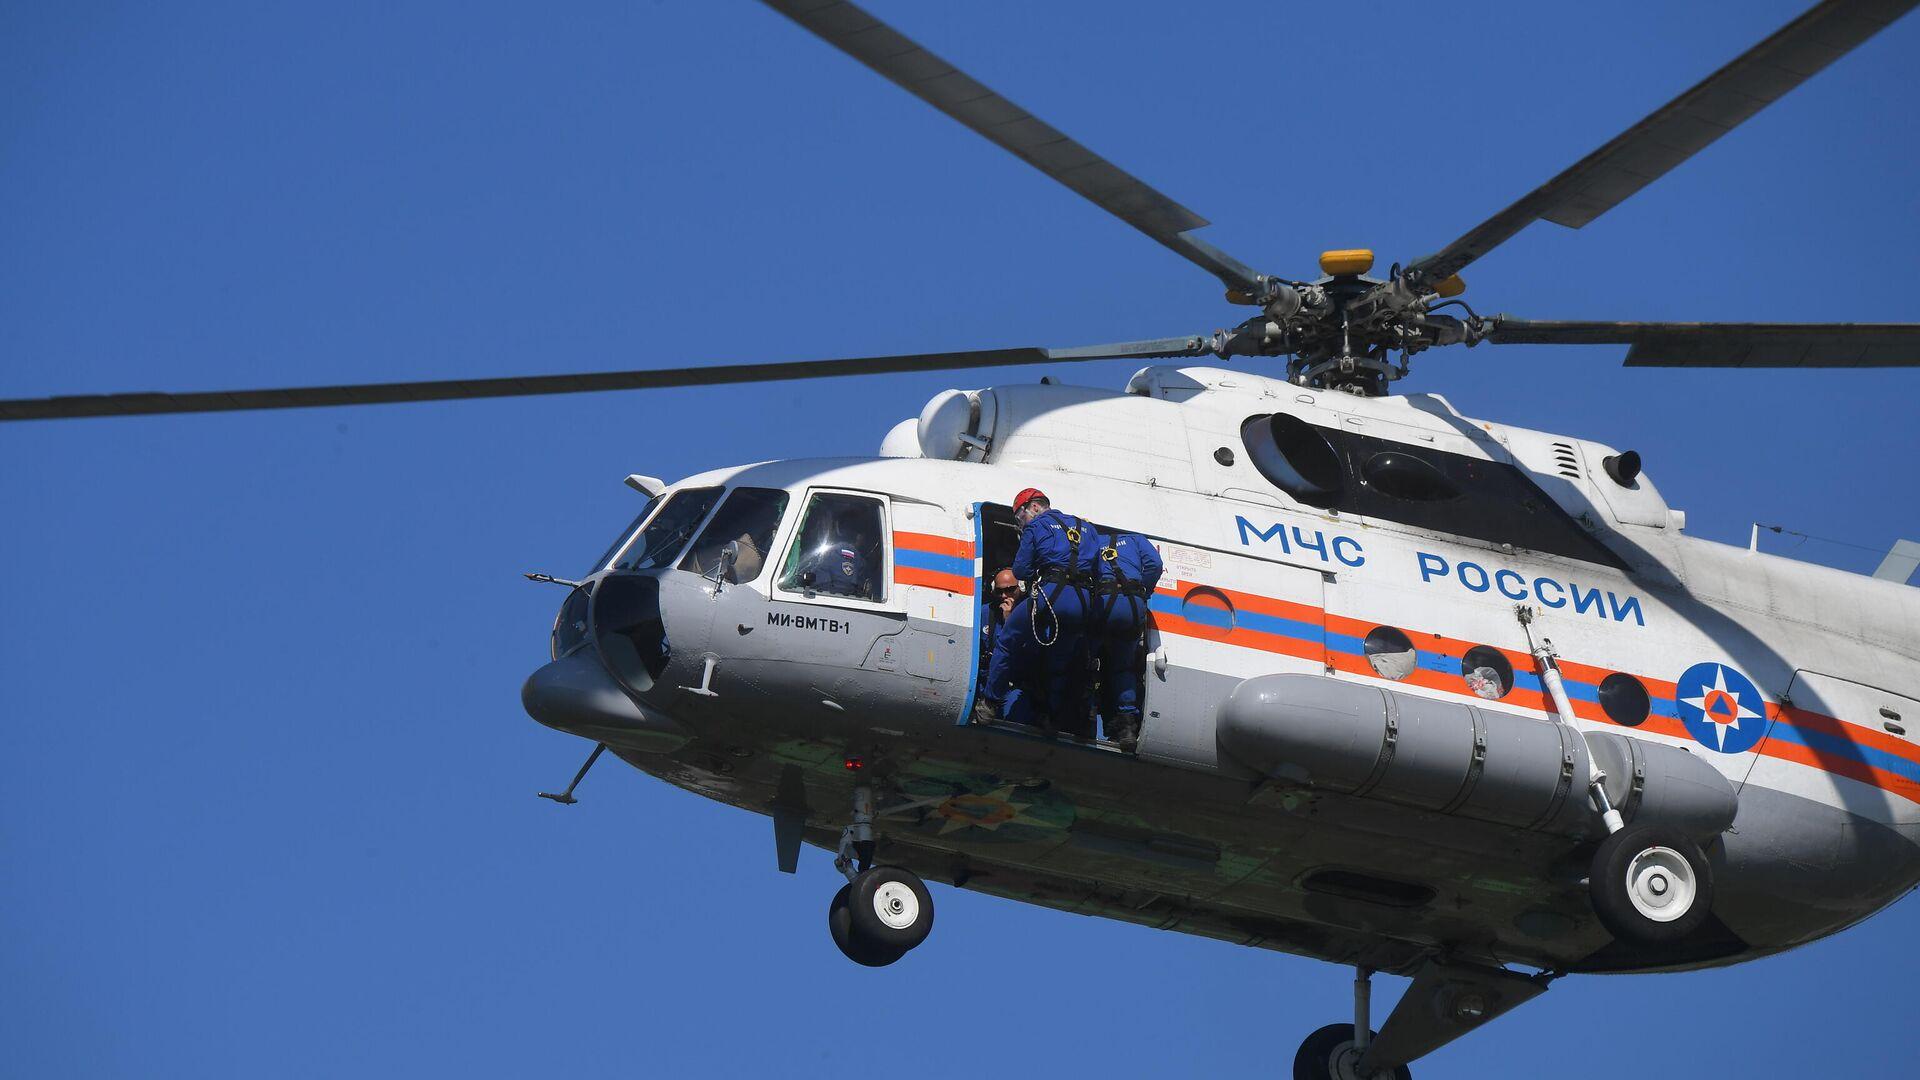 Спасатели нашли попавших под камнепад в Кабардино-Балкарии туристов, их эвакуируют